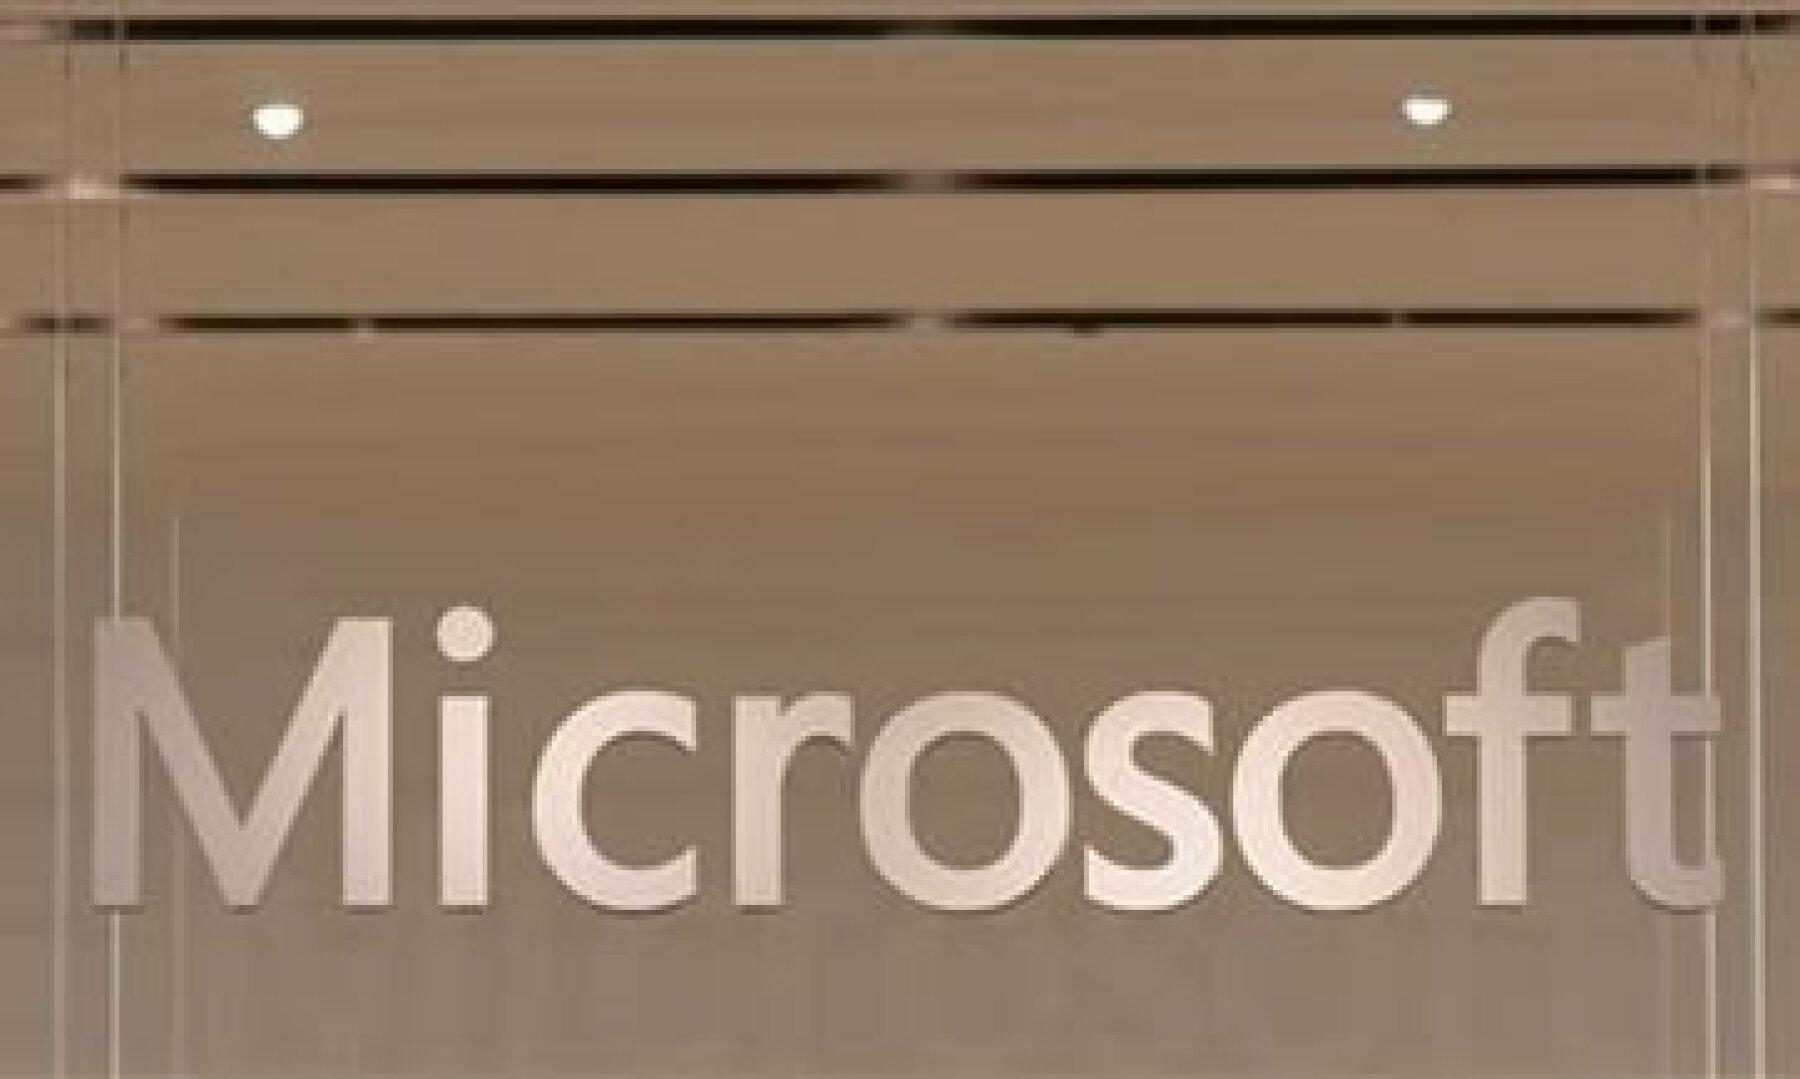 Microsoft se instalará en un edificio abandonado del siglo XVIII. (Foto: Reuters)